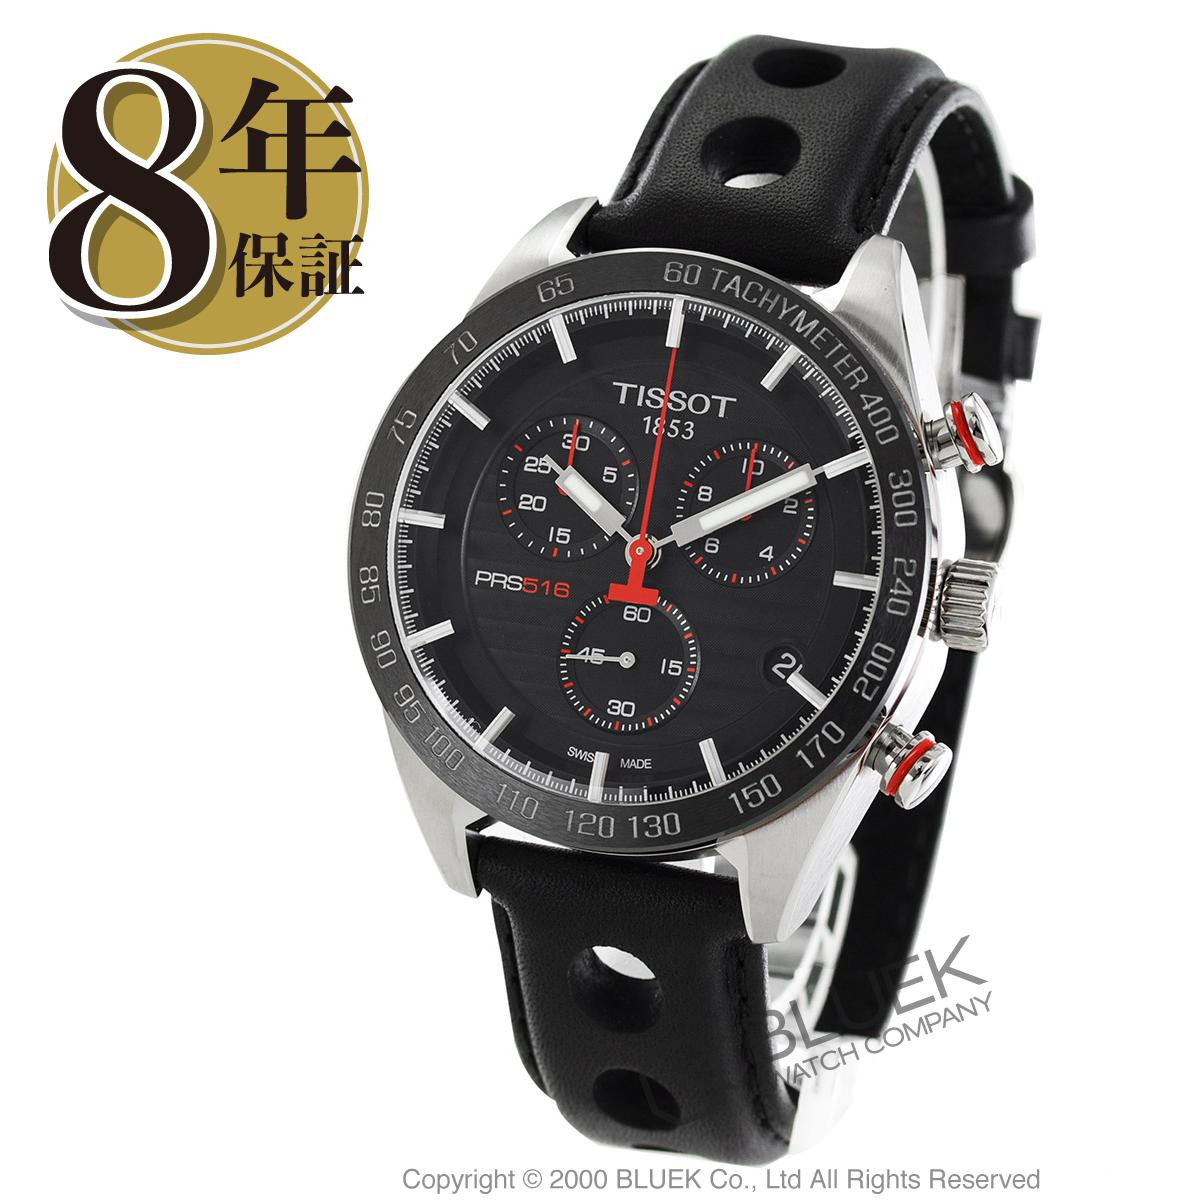 ティソ T-スポーツ PRS516 クロノグラフ 腕時計 メンズ TISSOT T100.417.16.051.00_8 バーゲン ギフト プレゼント